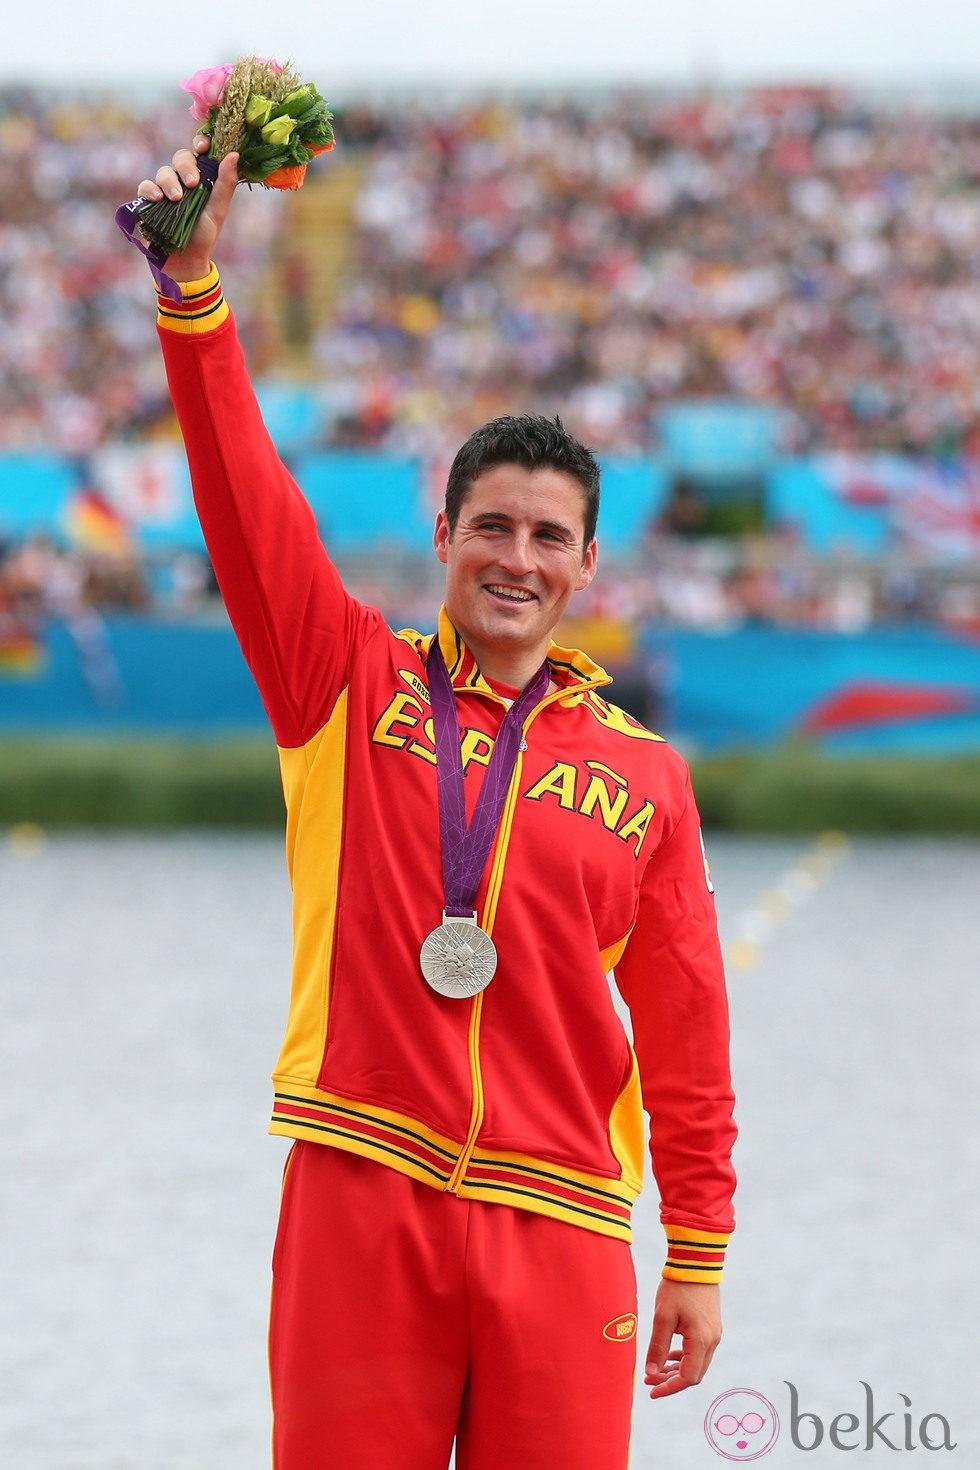 David Cal alzando la medalla de plata en los Juegos Olímpicos de Londres 2012